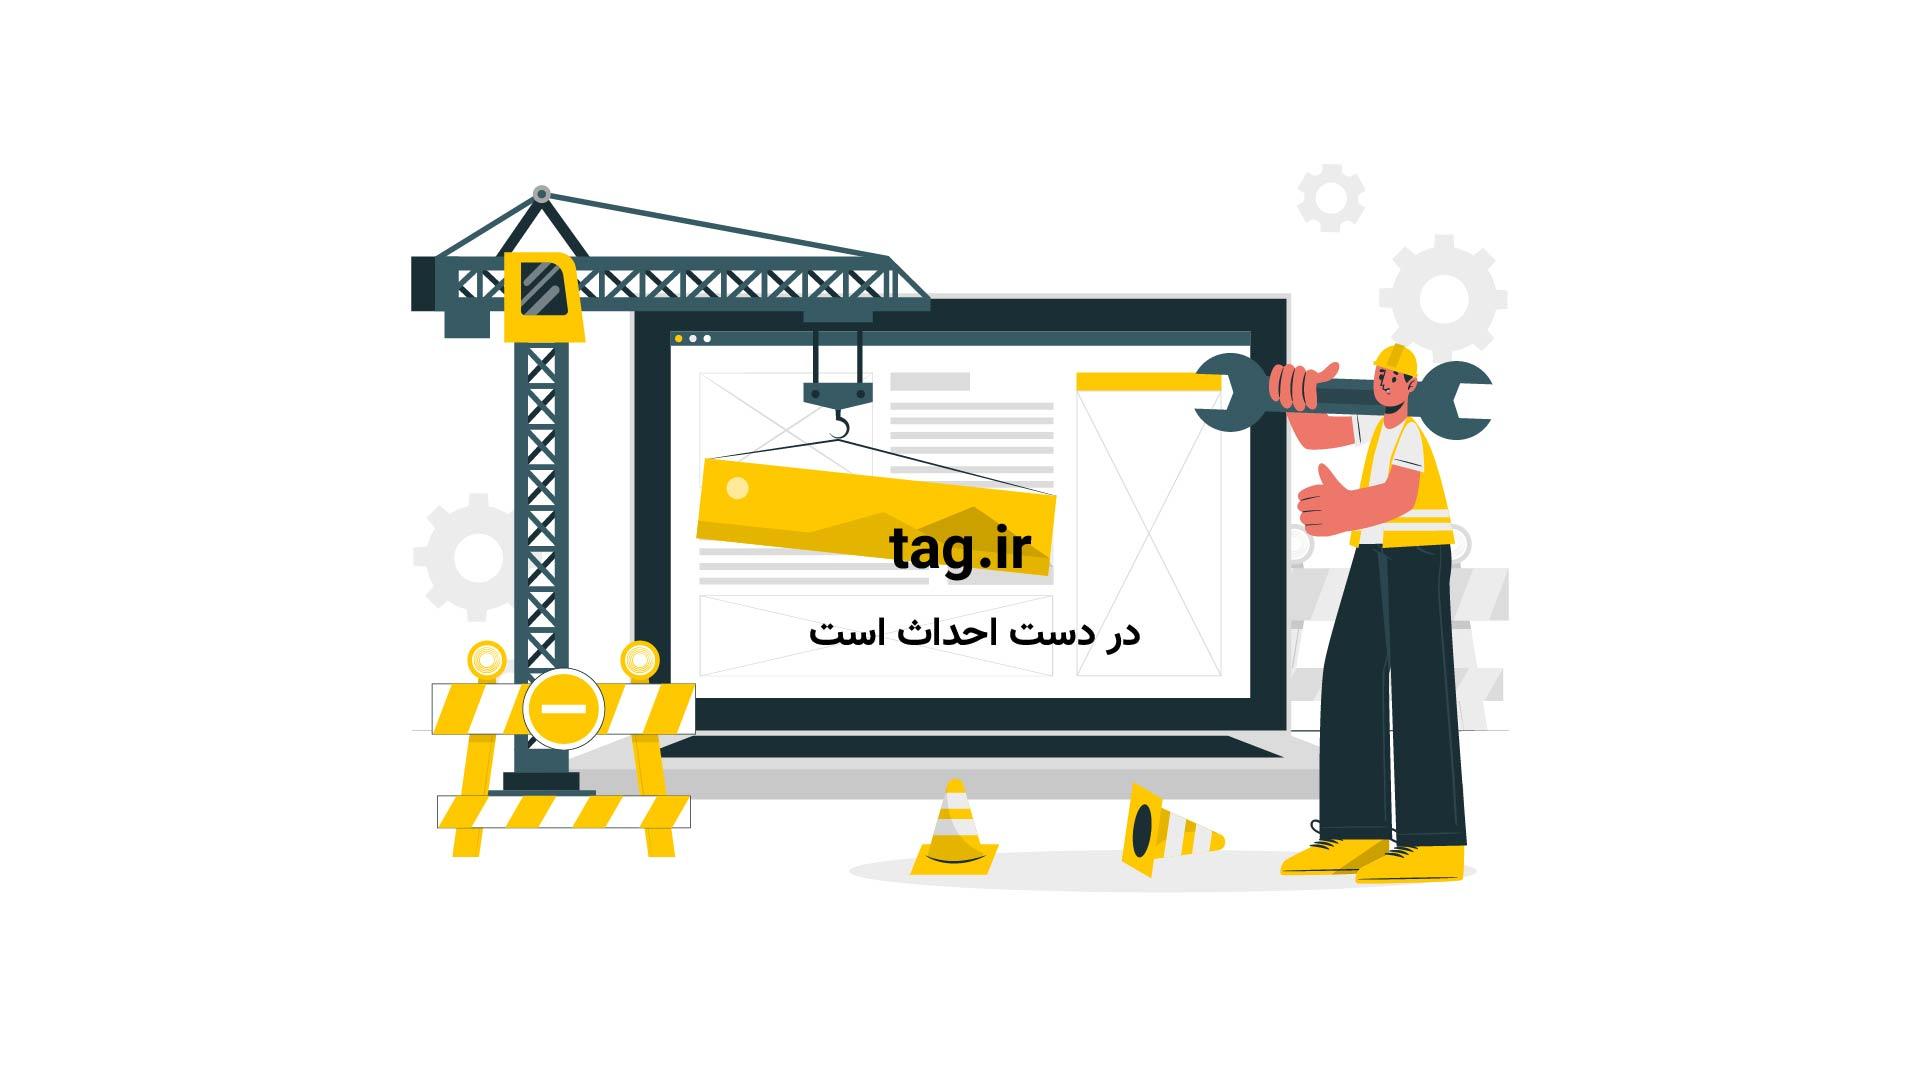 ملاقات دختری با ۴ گرگ در طبیعت پس از ۴ سال | فیلم